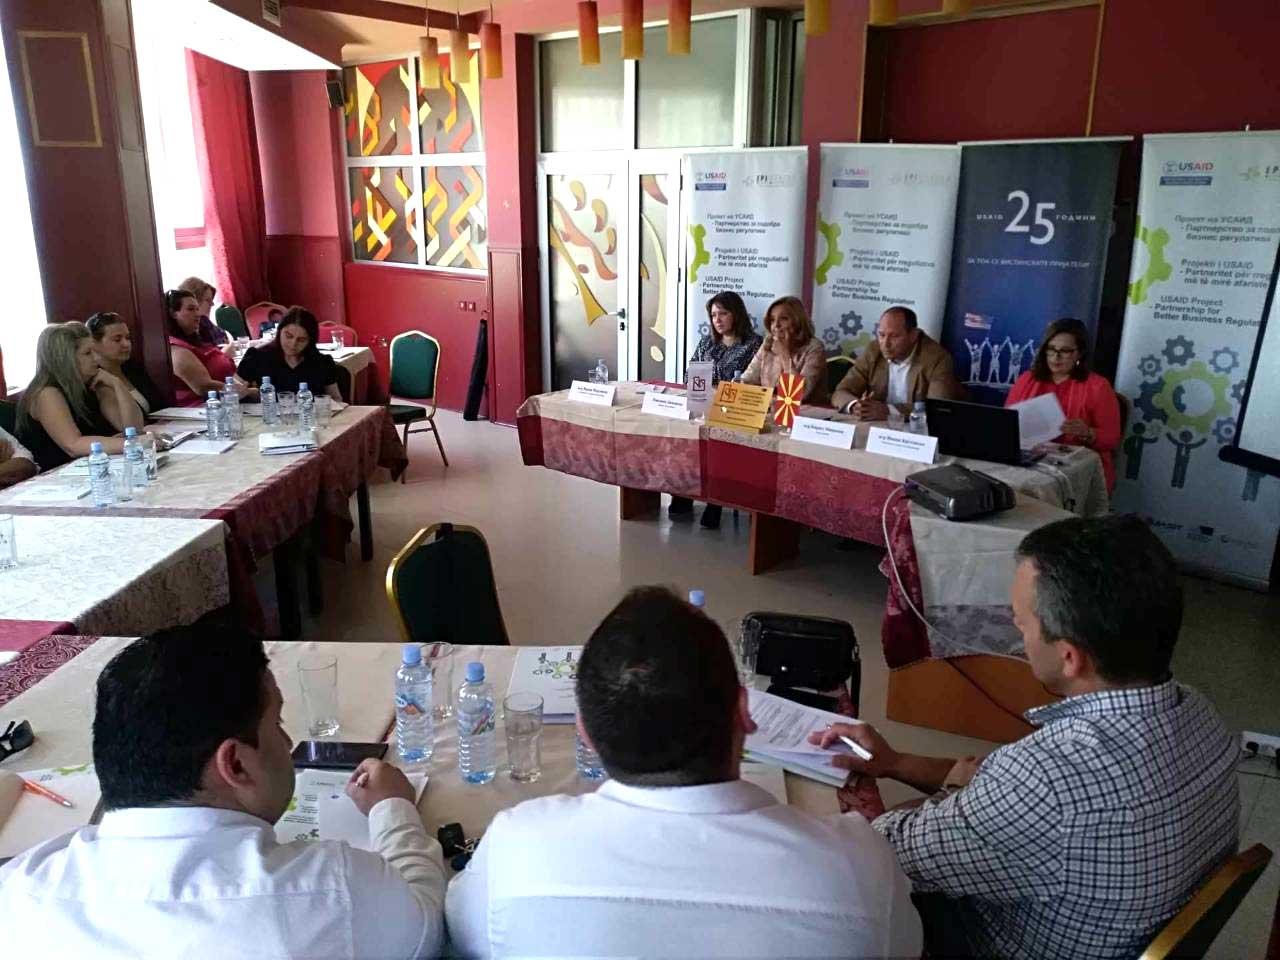 """Одржана 16-та информативна сесија во Кавадарци за унапредување на регулативата и начинот на спроведување надзор над пазарот - ПРОЕКТ НА УСАИД """"ПАРТНЕРСТВО ЗА ПОДОБРА БИЗНИС РЕГУЛАТИВА ВО МАКЕДОНИЈА"""""""